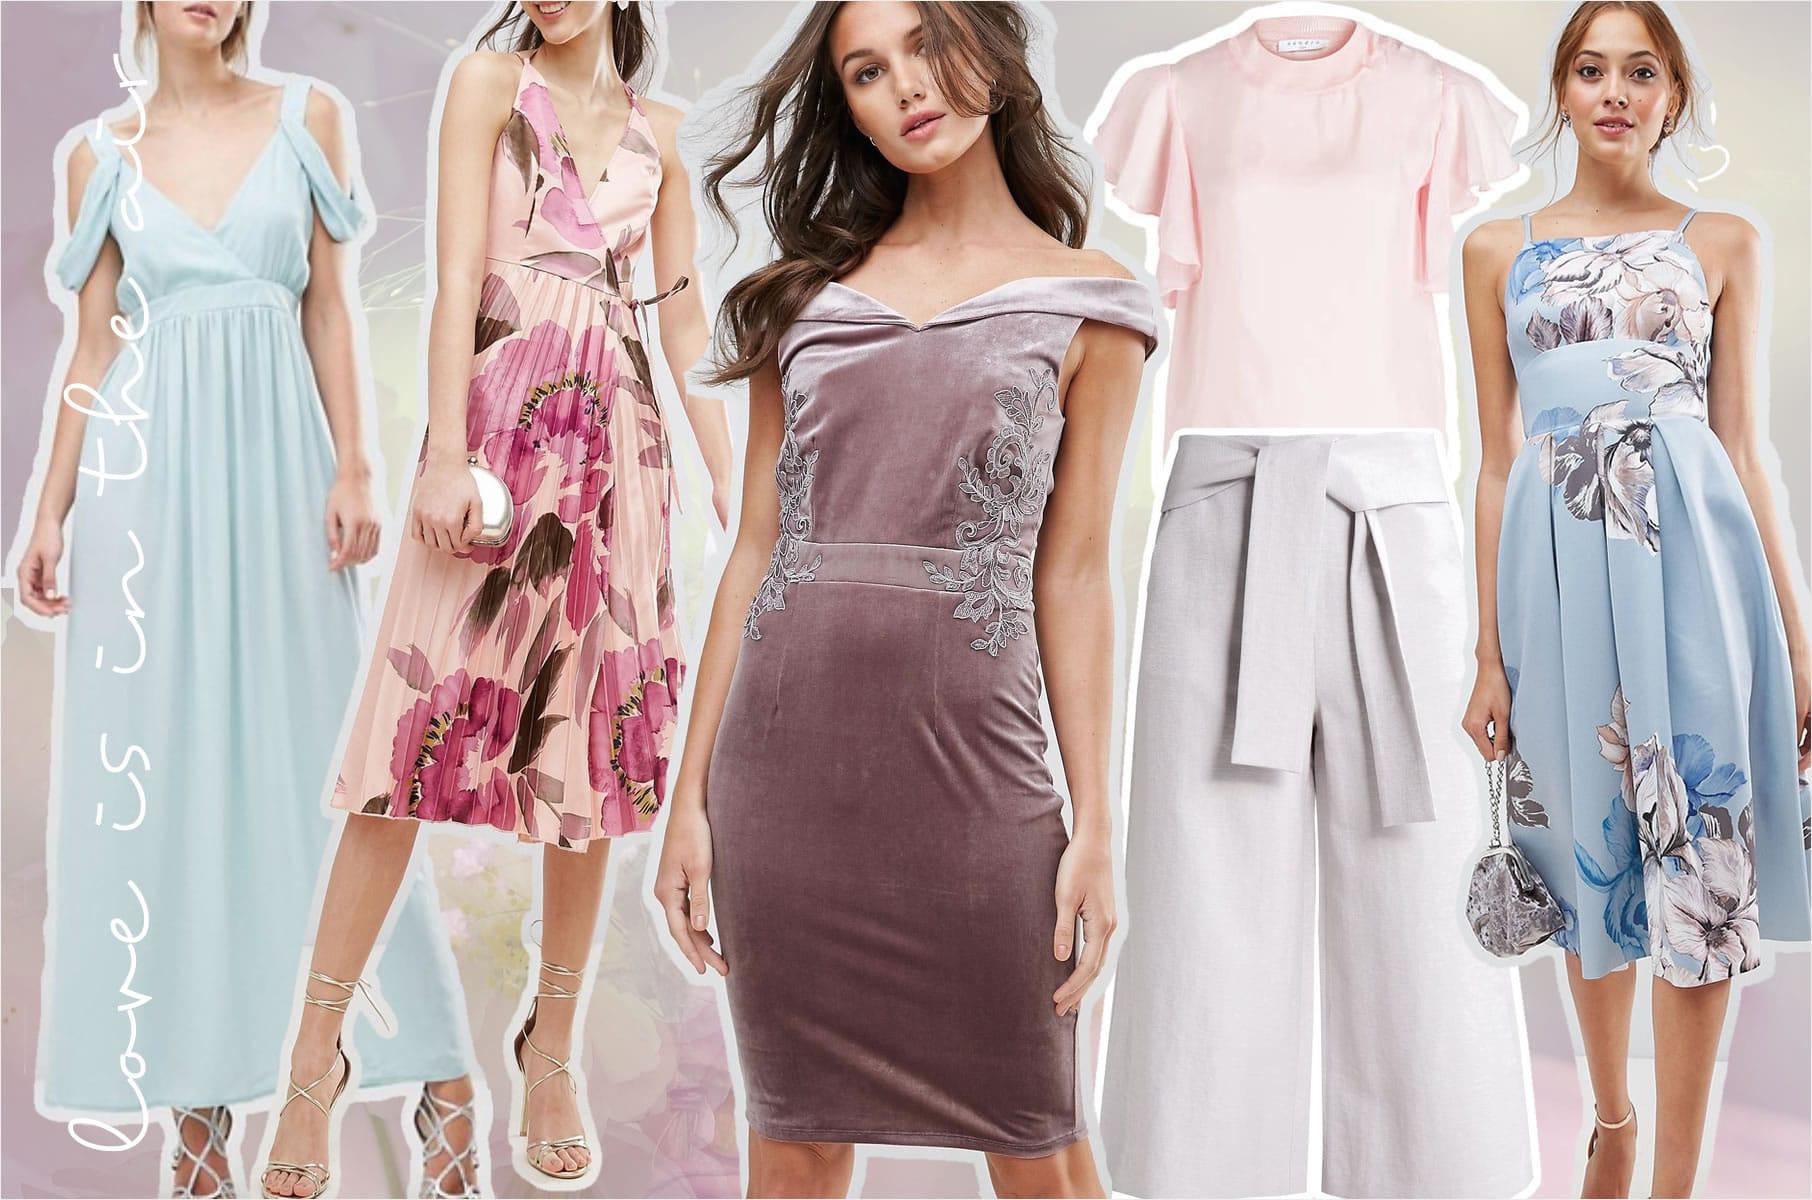 Perfekt Gestylt - 4 Outfit-Ideen Für Hochzeitsgäste